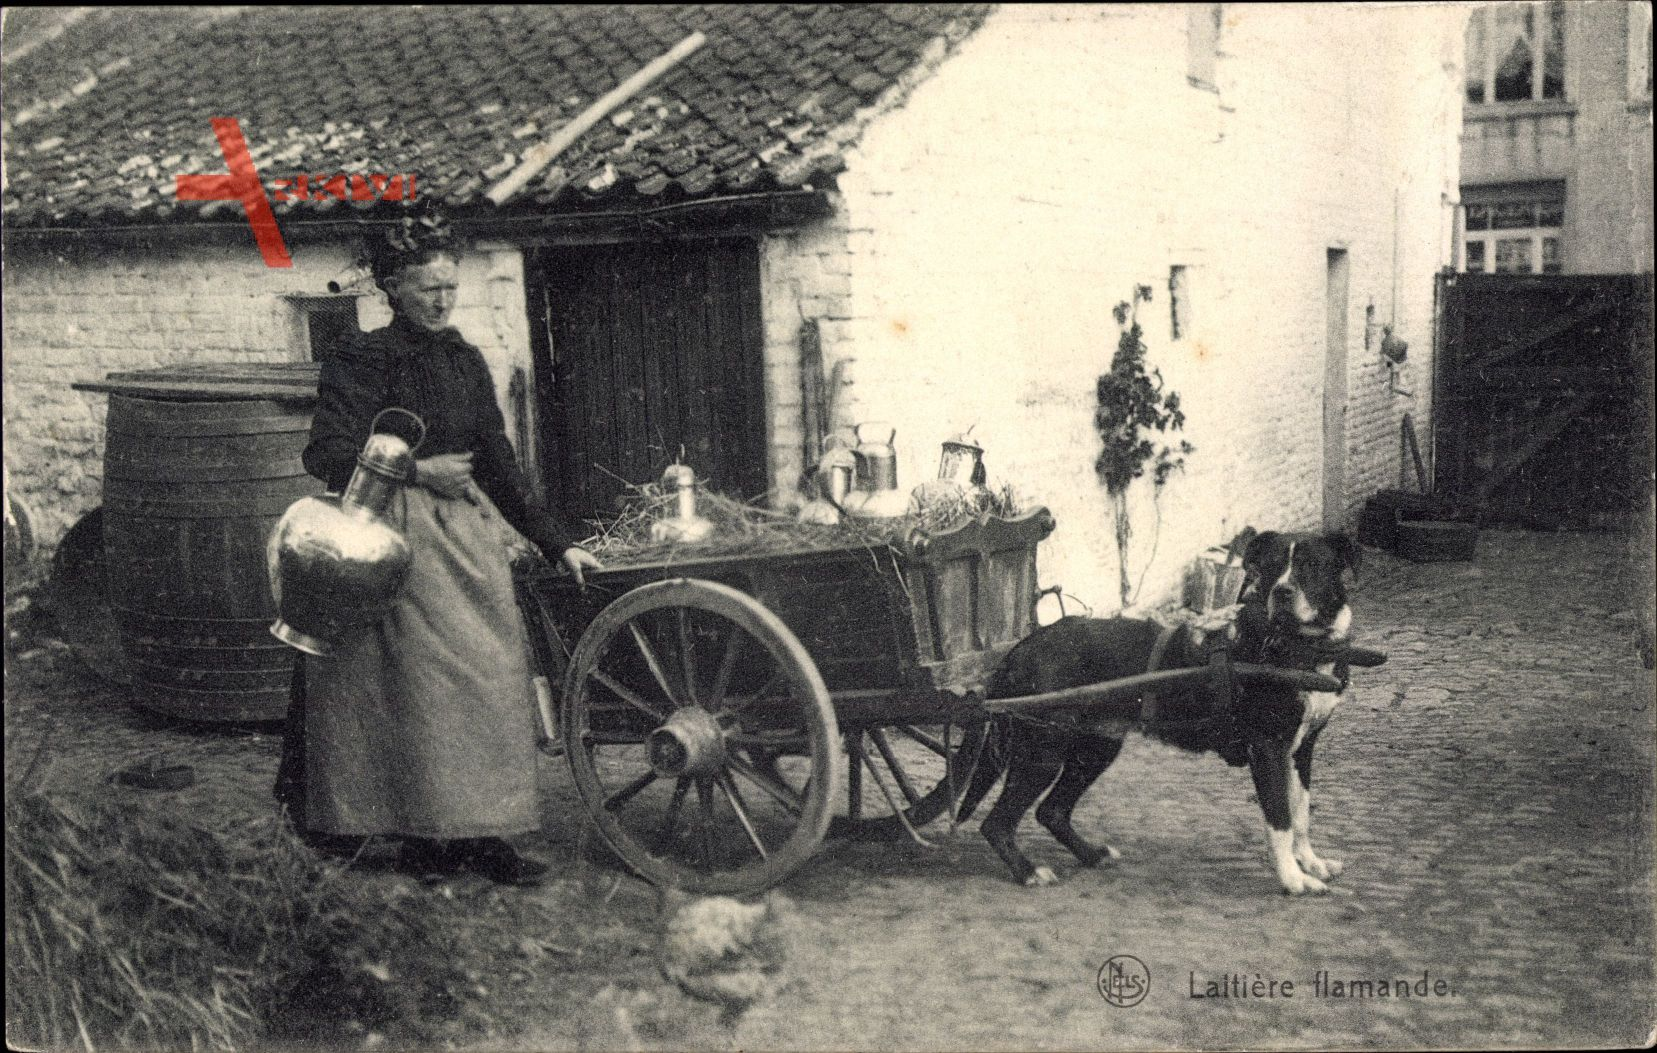 Laitiere flamandde, Milchfrau in Tracht mit Hundekarren, Milchkanne